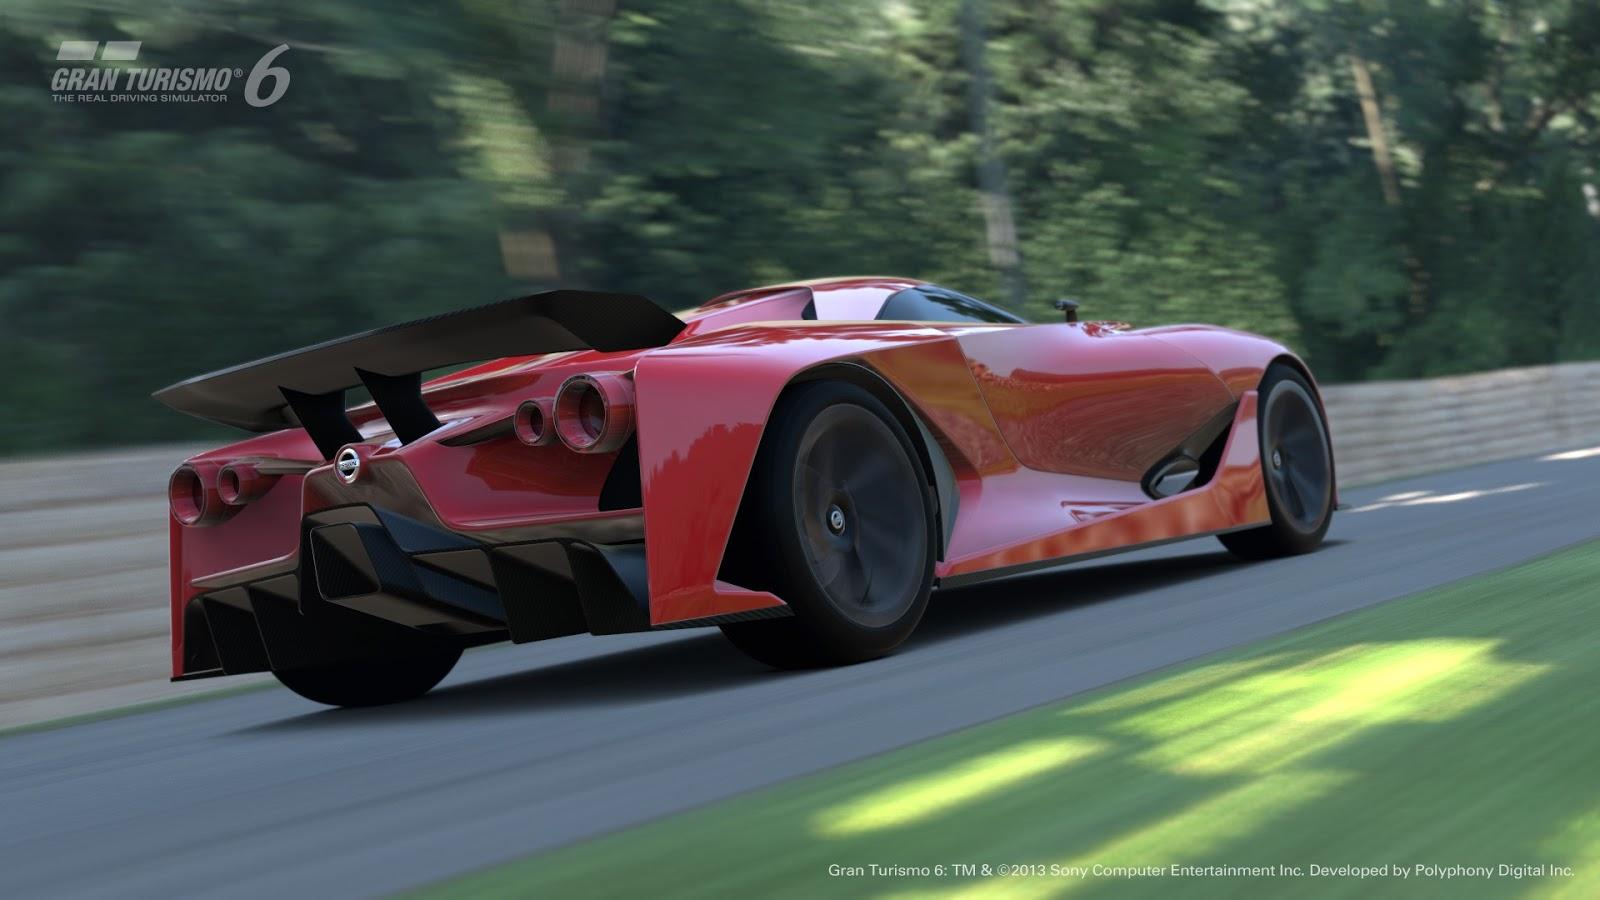 La future GT-R équipée du V6 3.0l biturbo de la Nissan GT ...